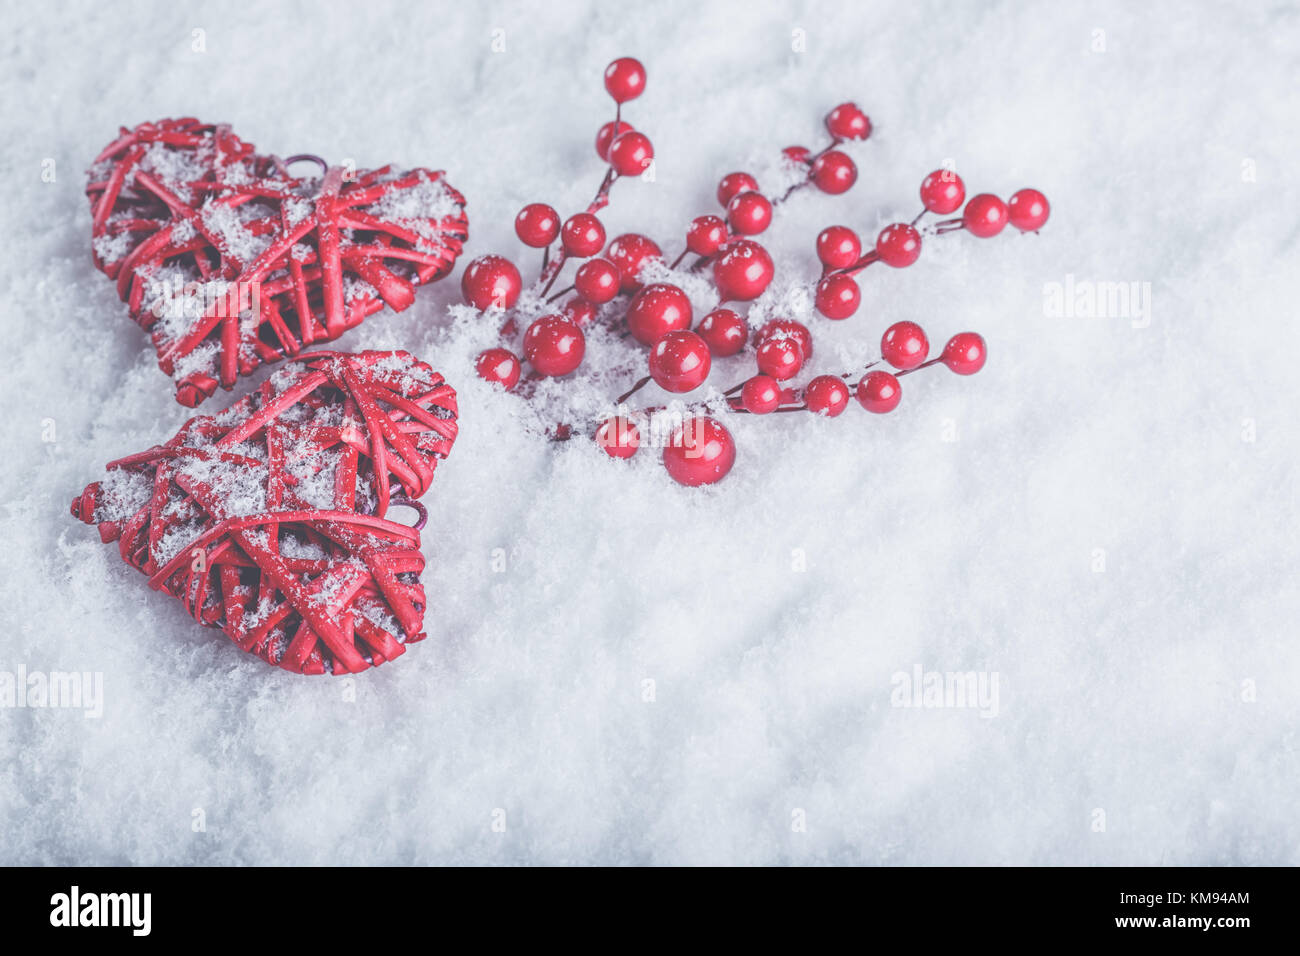 Foto Di Natale Neve Inverno 94.Due Belle Romantico Rosso Vintage Cuori Con Bacche Di Vischio Su Un